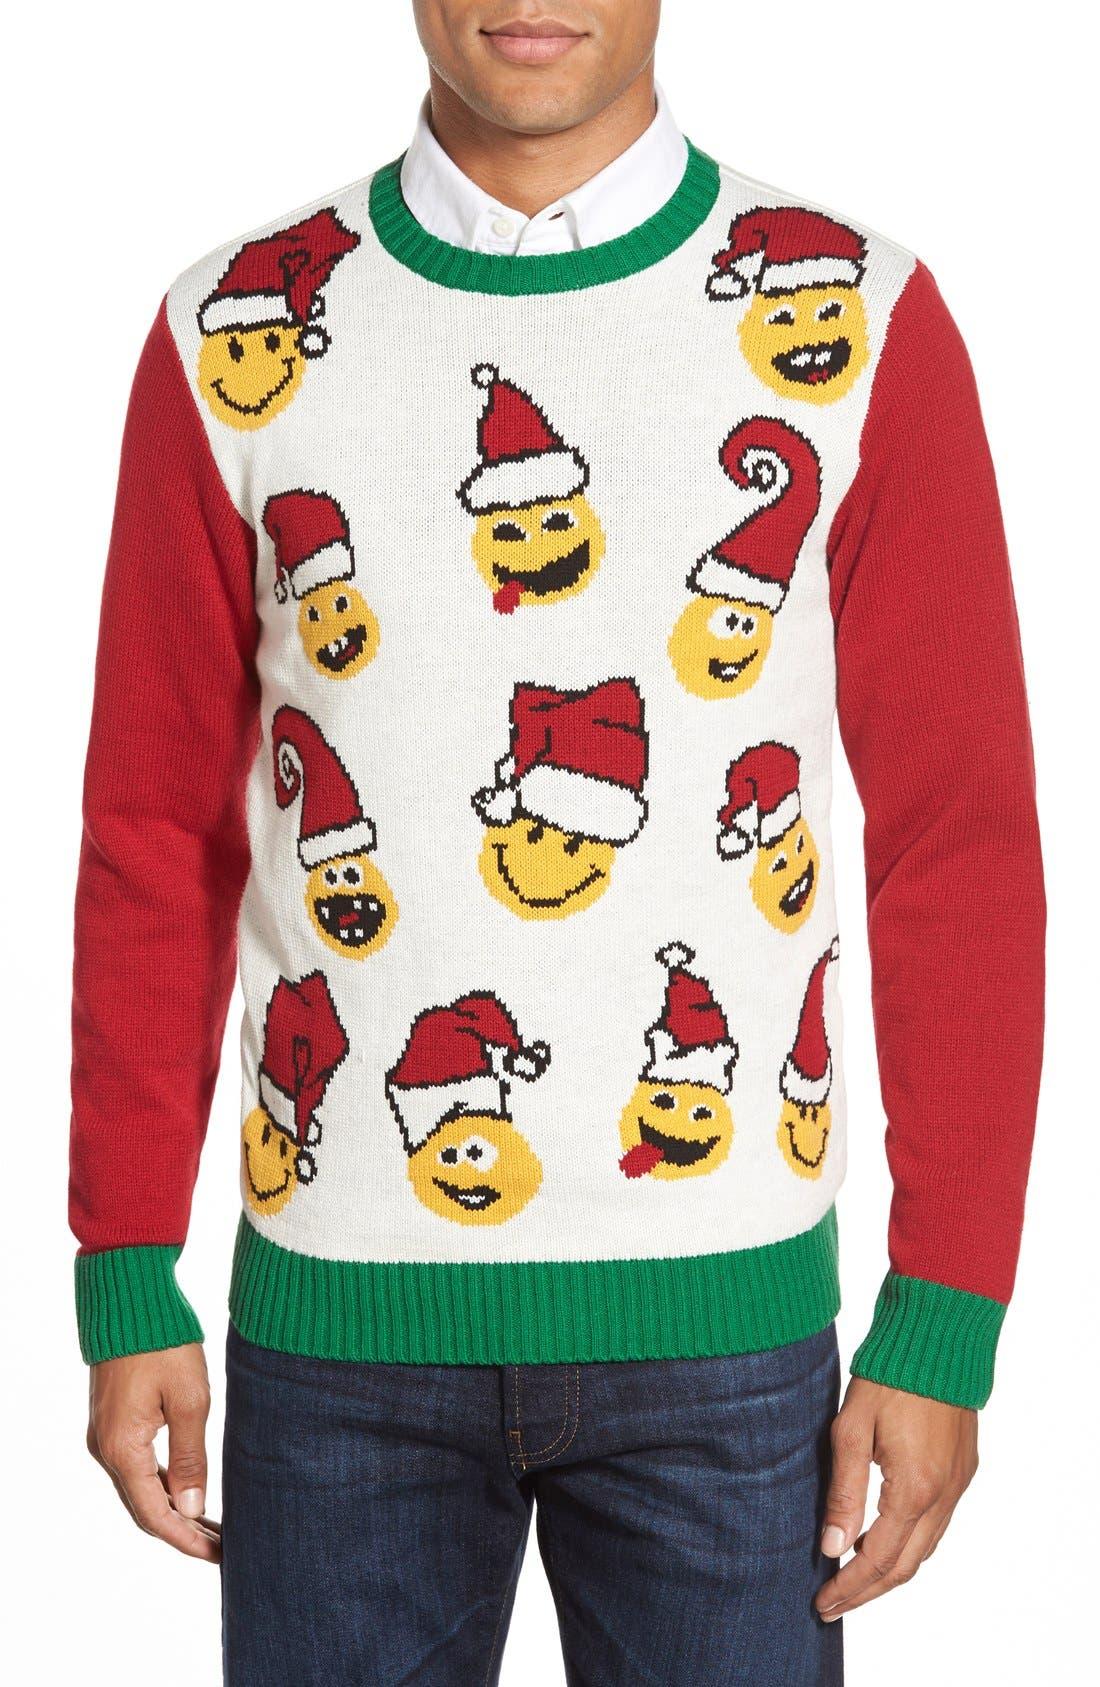 'Emoji Faces' Holiday Crewneck Sweater,                             Main thumbnail 1, color,